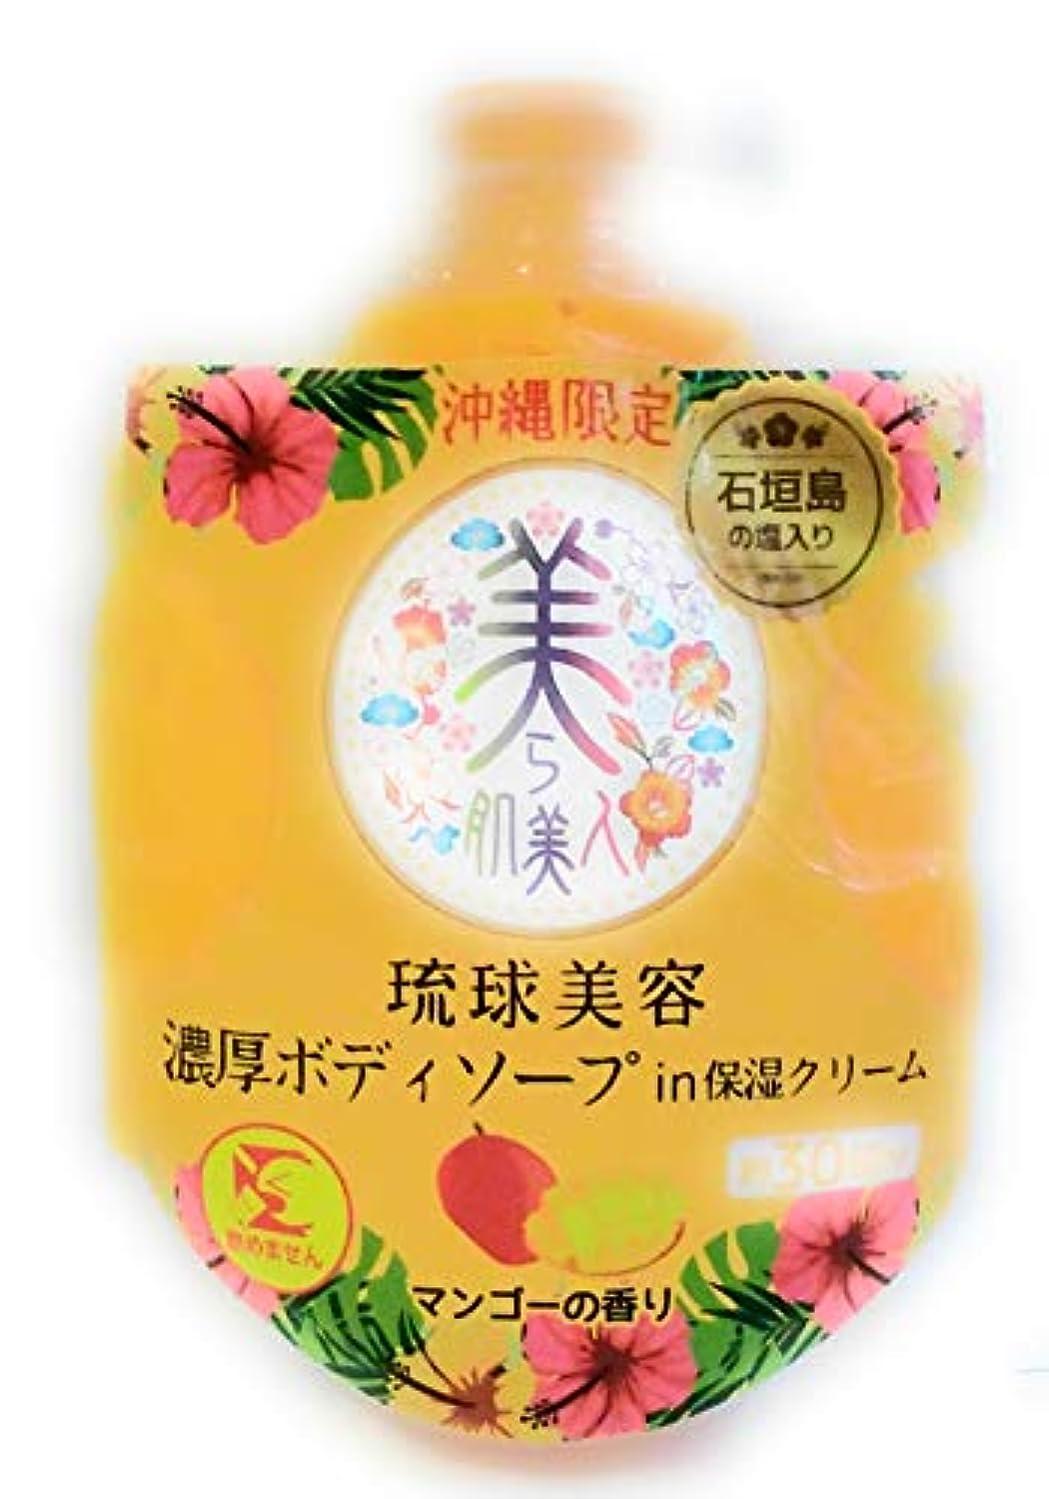 アトラス割る見ました沖縄限定 美ら肌美人 琉球美容濃厚ボディソープin保湿クリーム マンゴーの香り